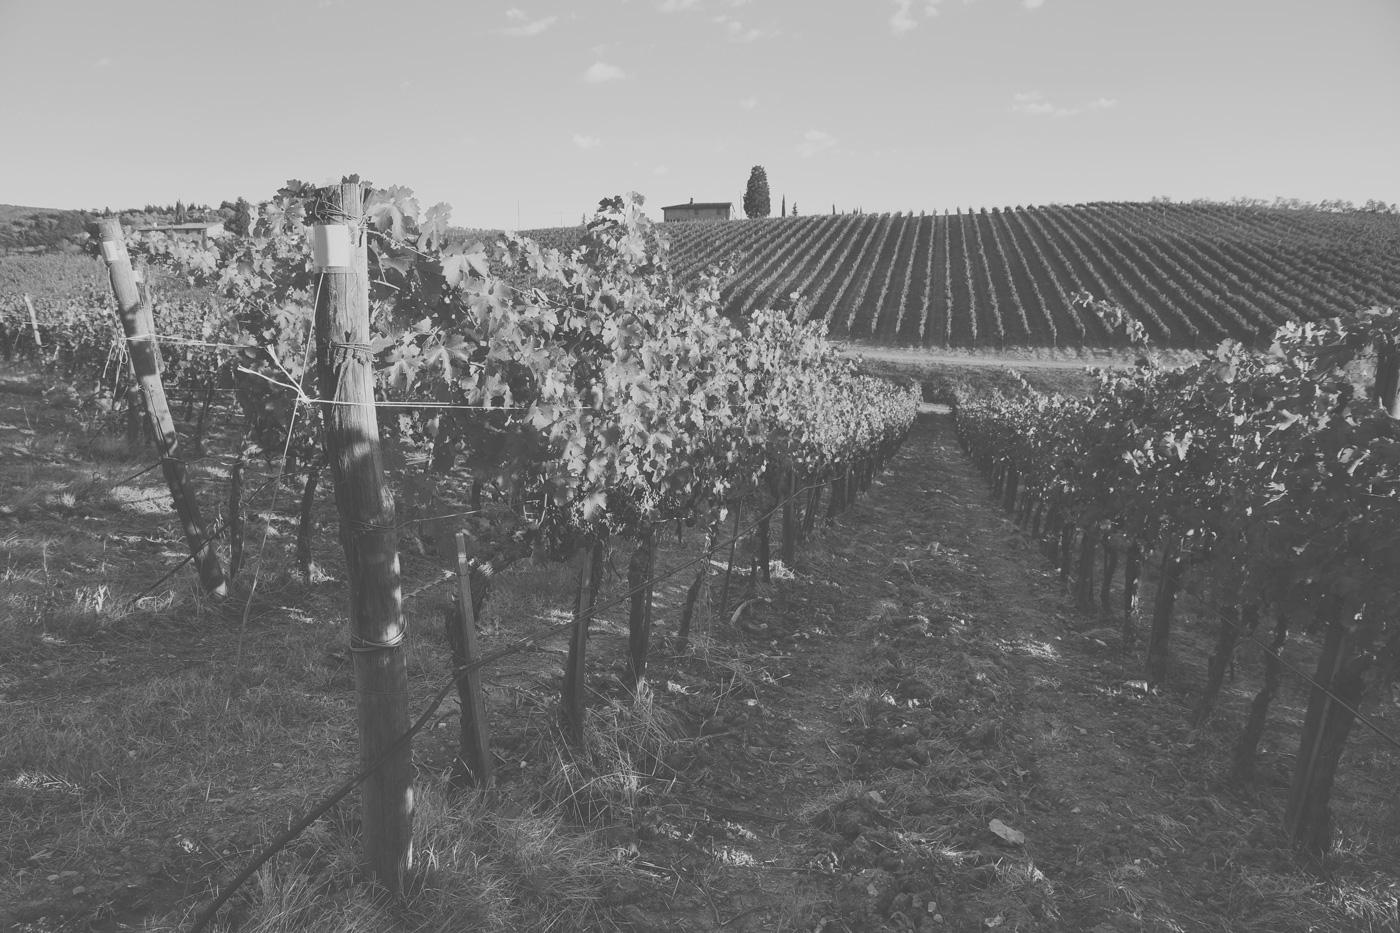 Wein-Rebstöcke in der Toscana